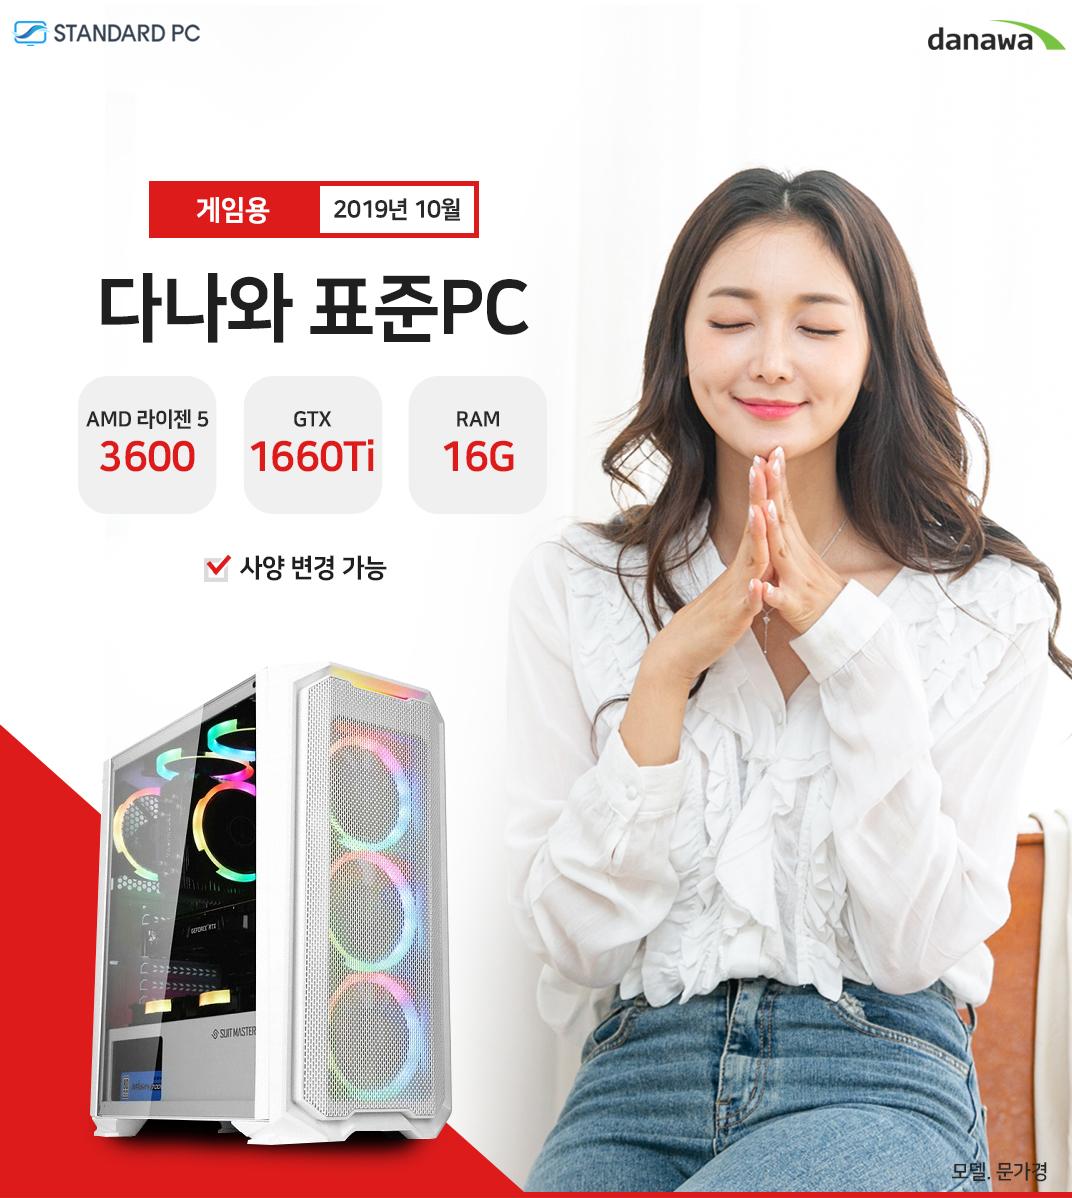 2019년 10월 다나와 표준PC 게이밍용 AMD 라이젠 5 3600 GTX1660Ti RAM 16G 모델 문가경